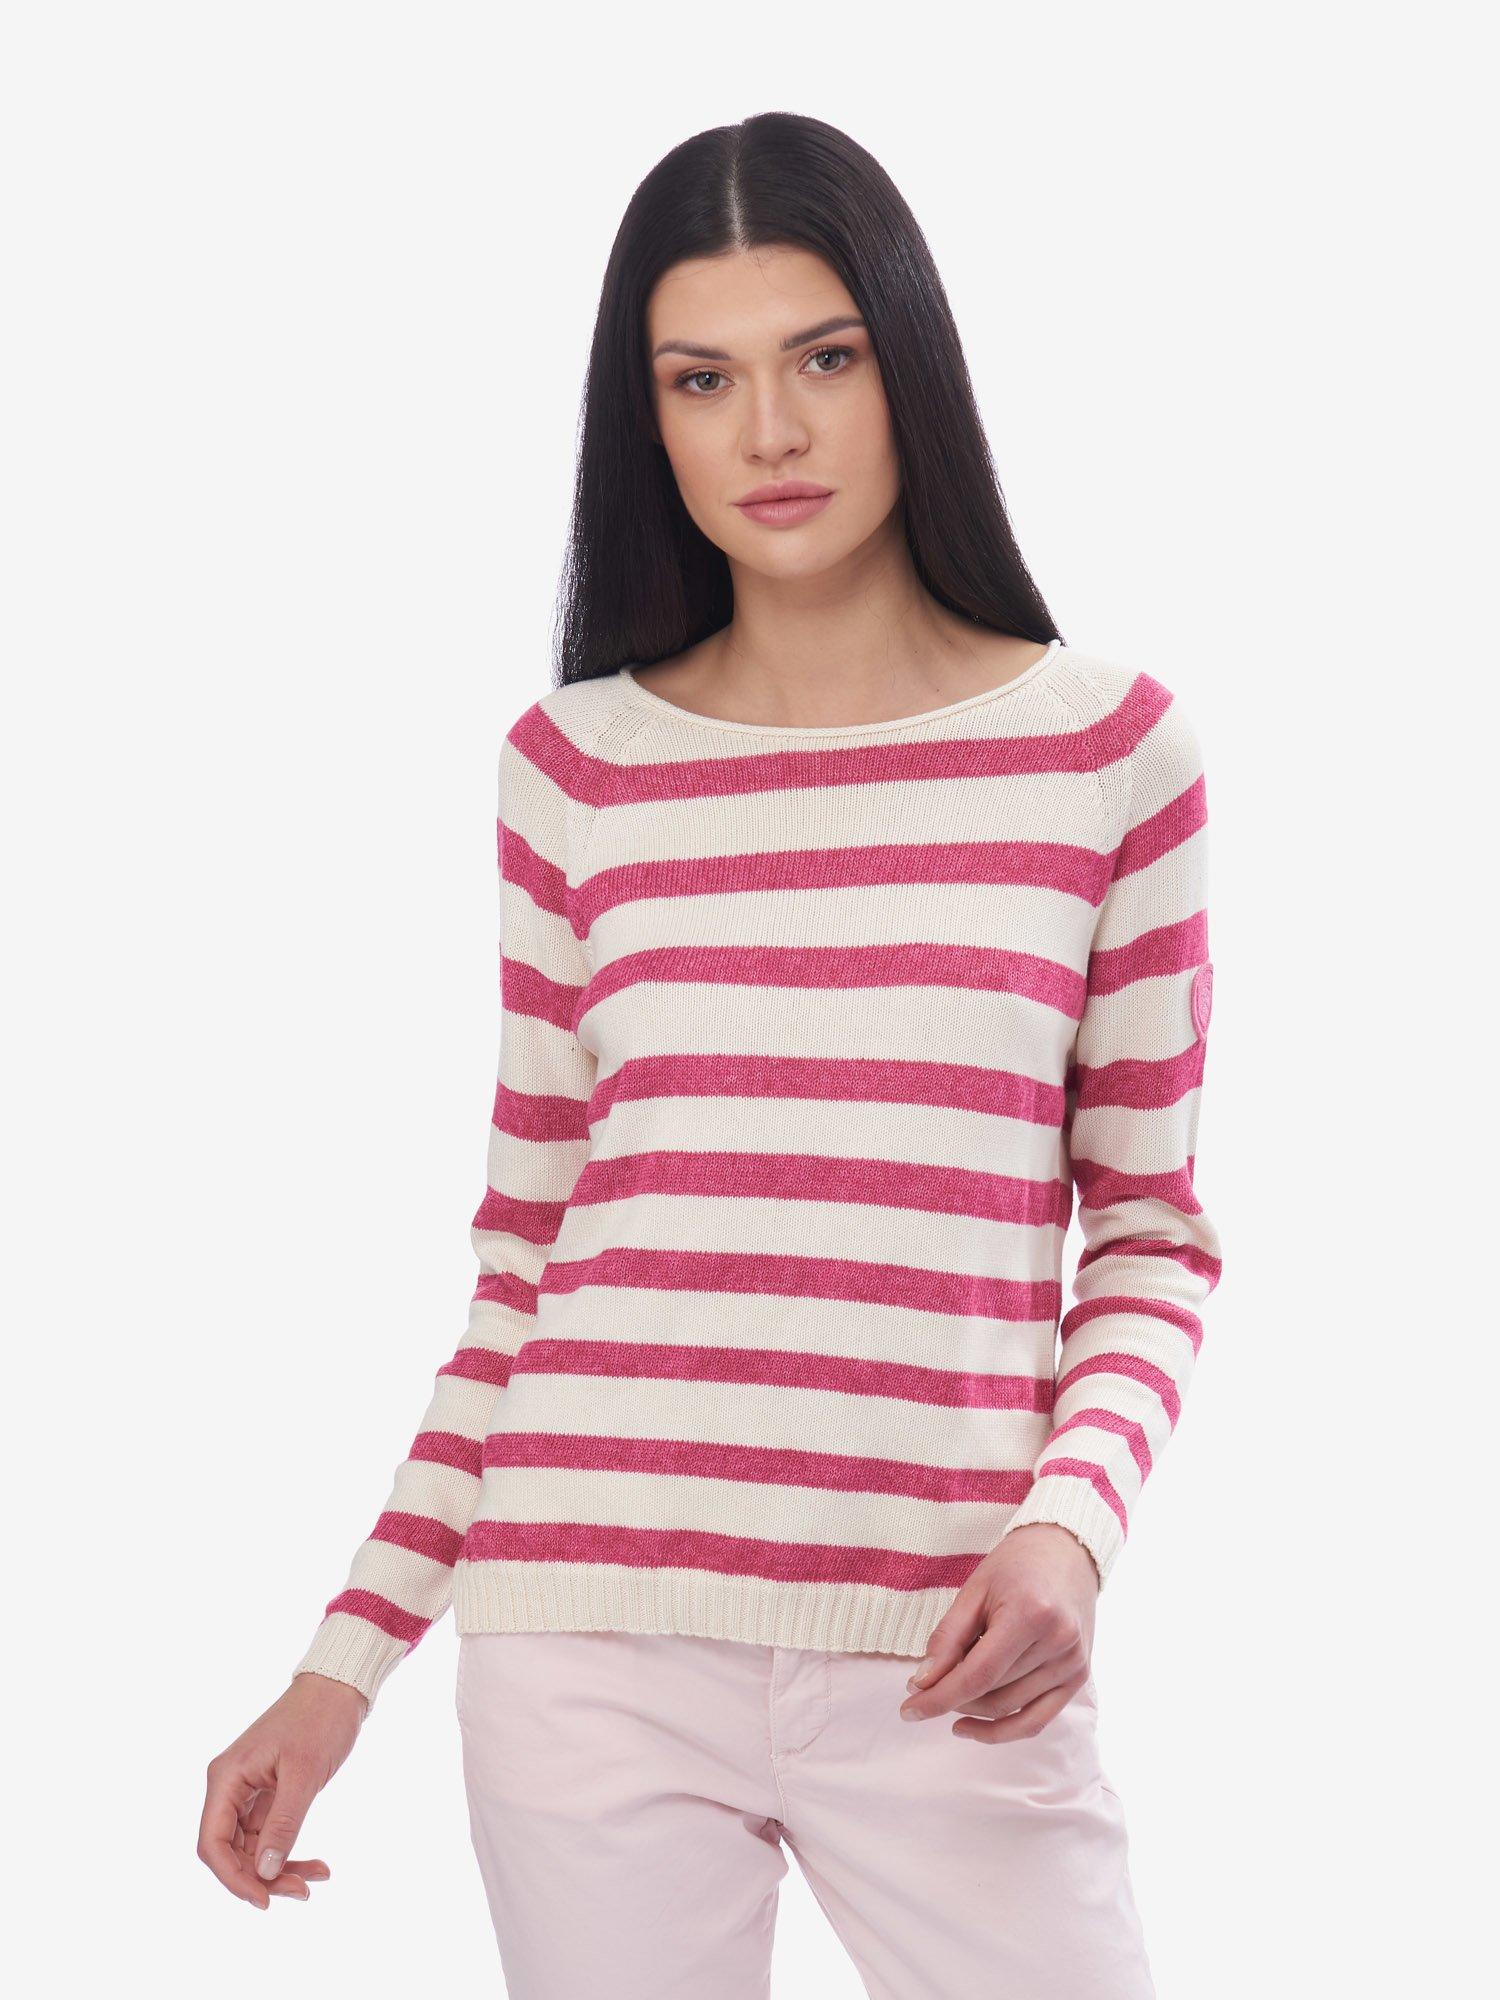 Blauer - STRIPED SWEATER - Pink Melange - Blauer